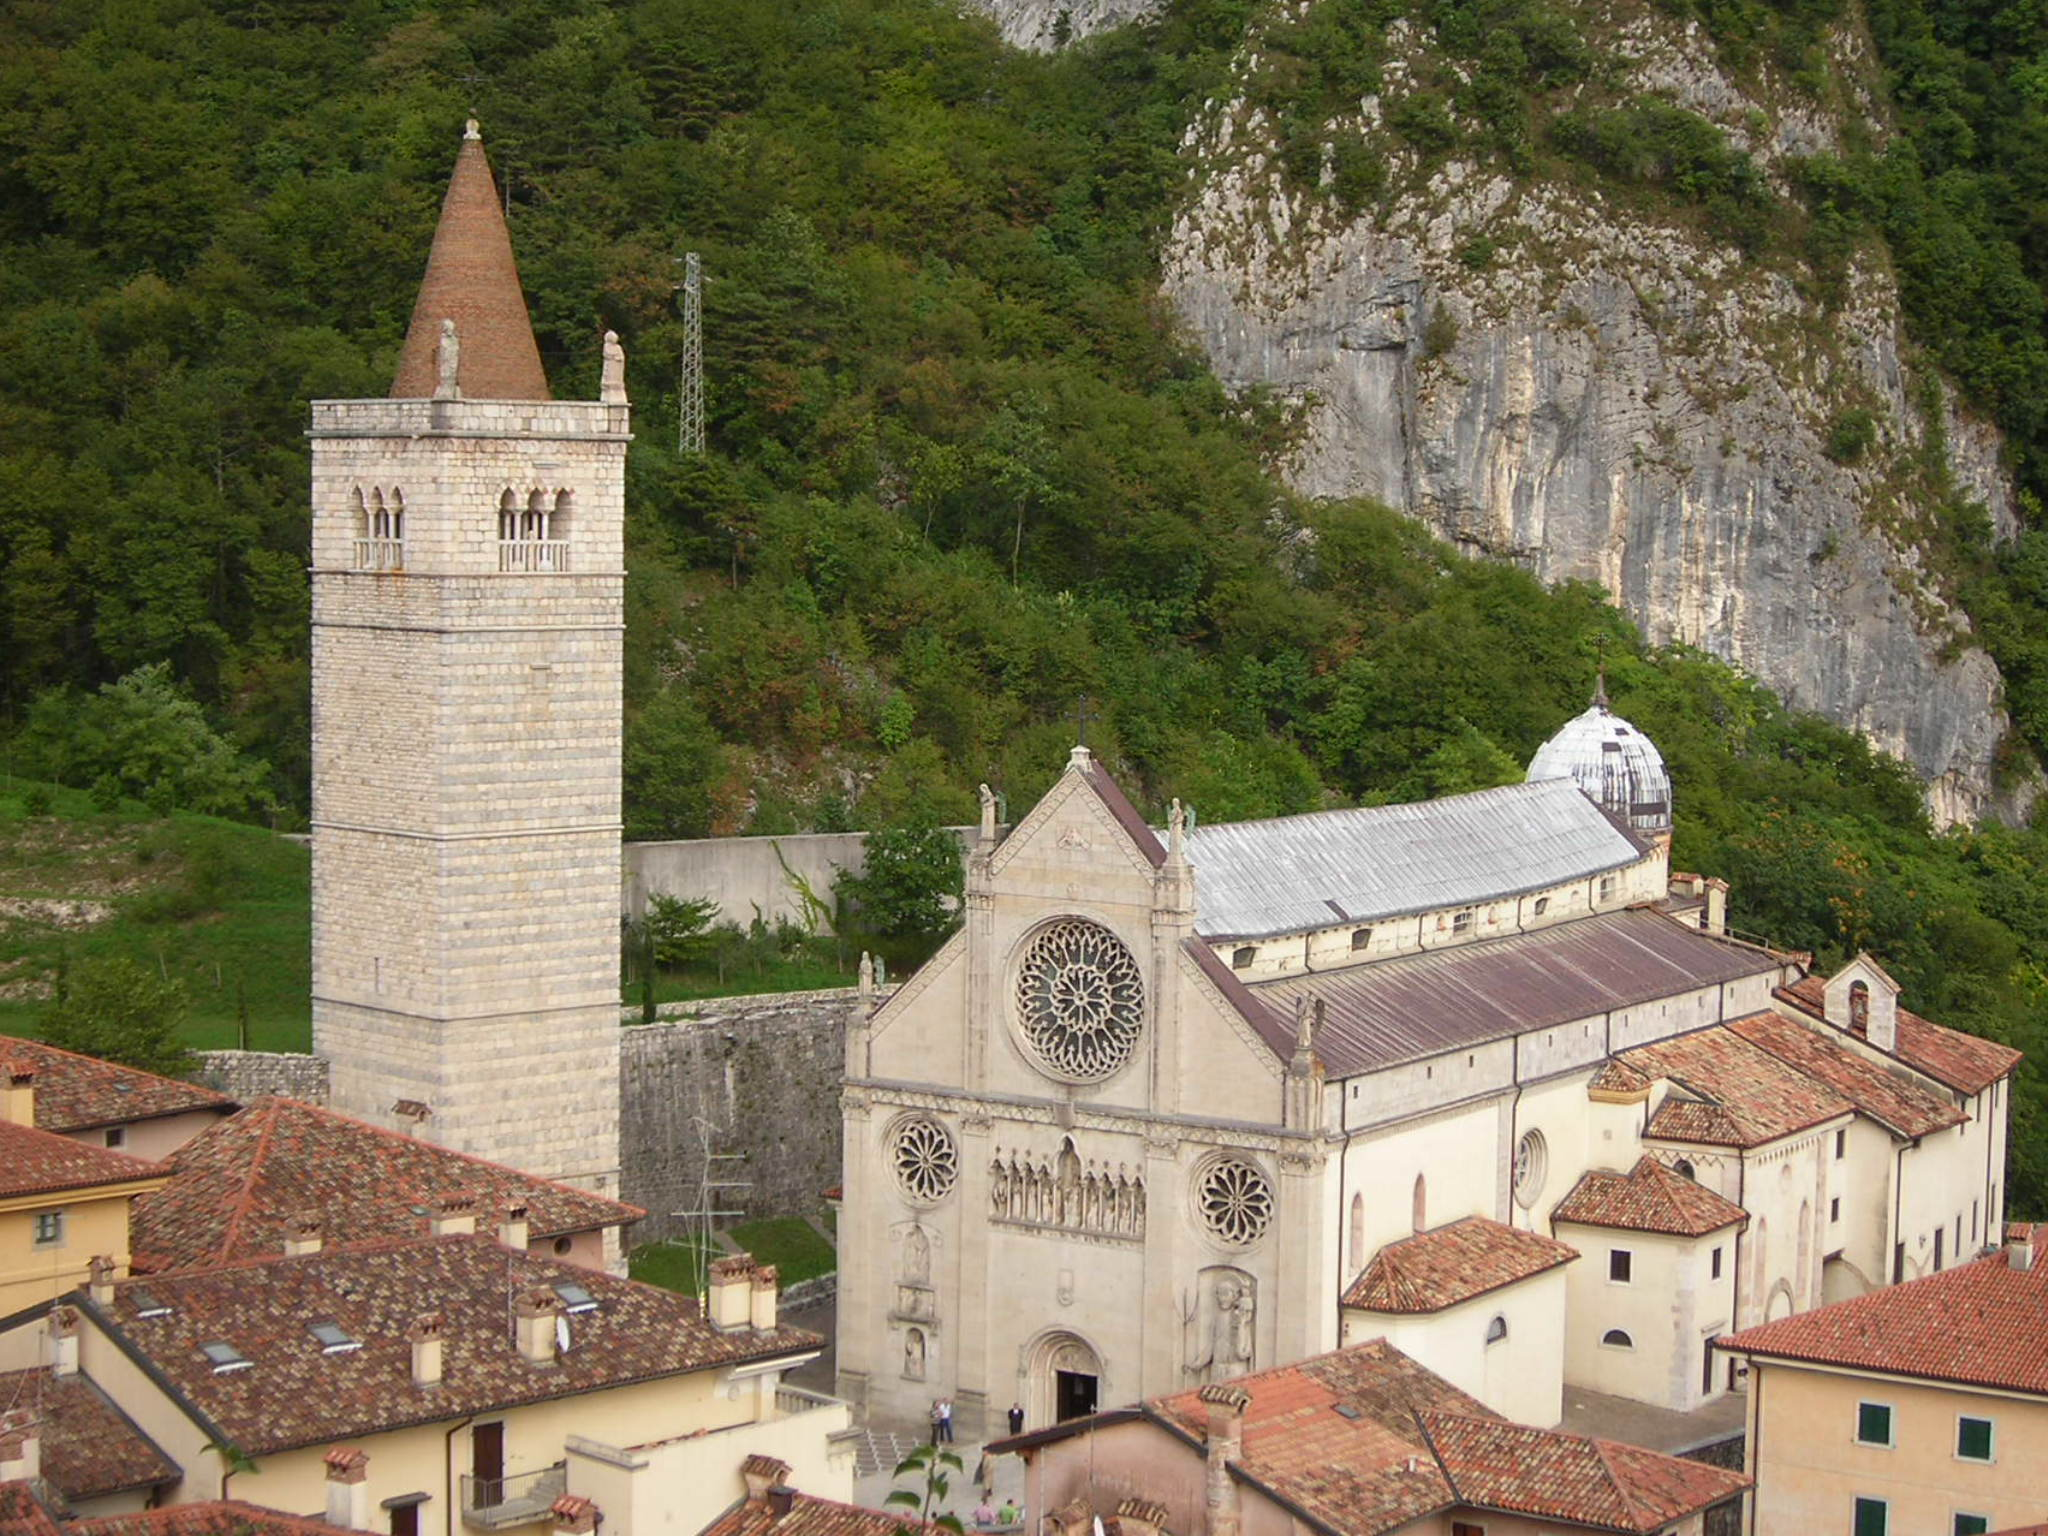 Duomo-Gemona del Friuli